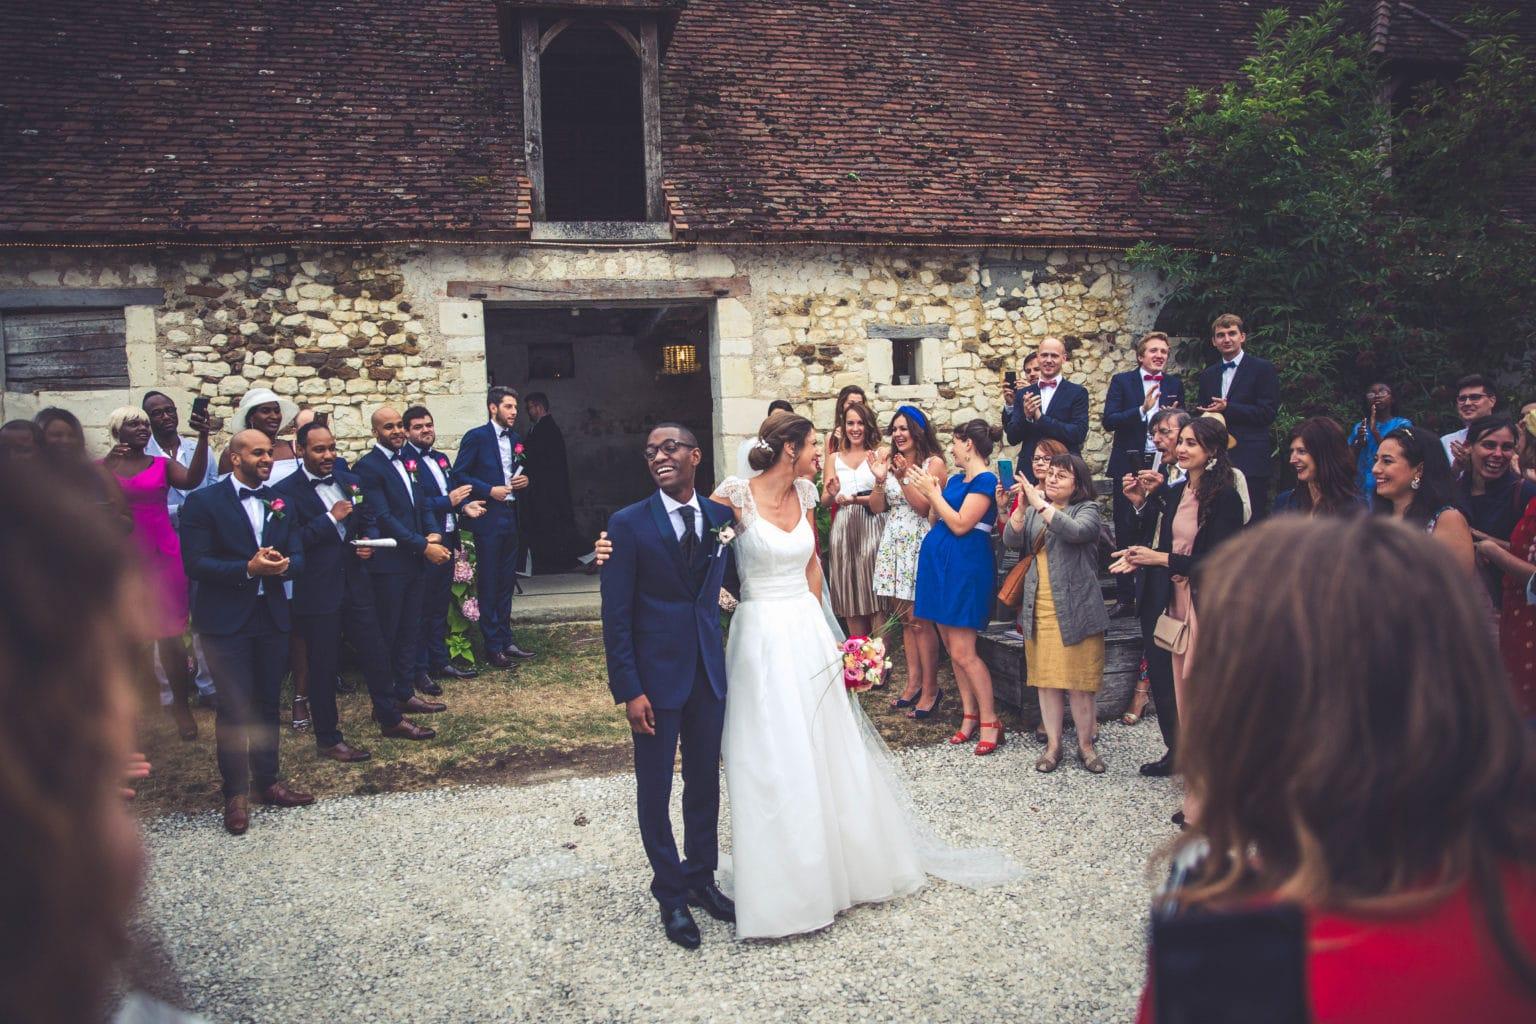 Photographe de mariage professionnelle à Tours et en France Camille Dubois photographie